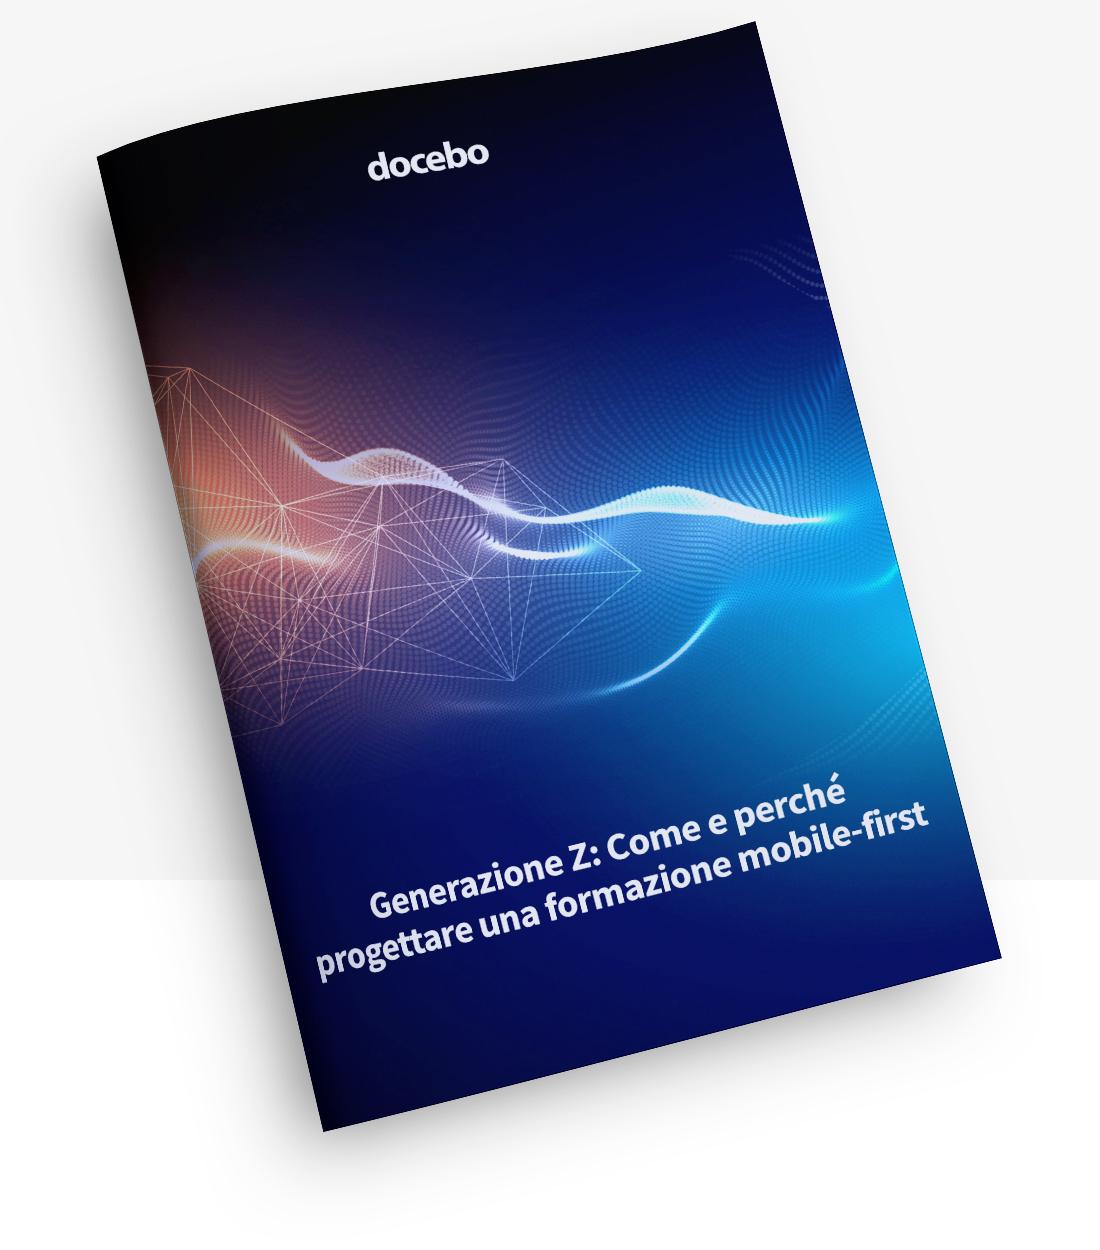 Generazione Z: Come progettare una formazione mobile-first